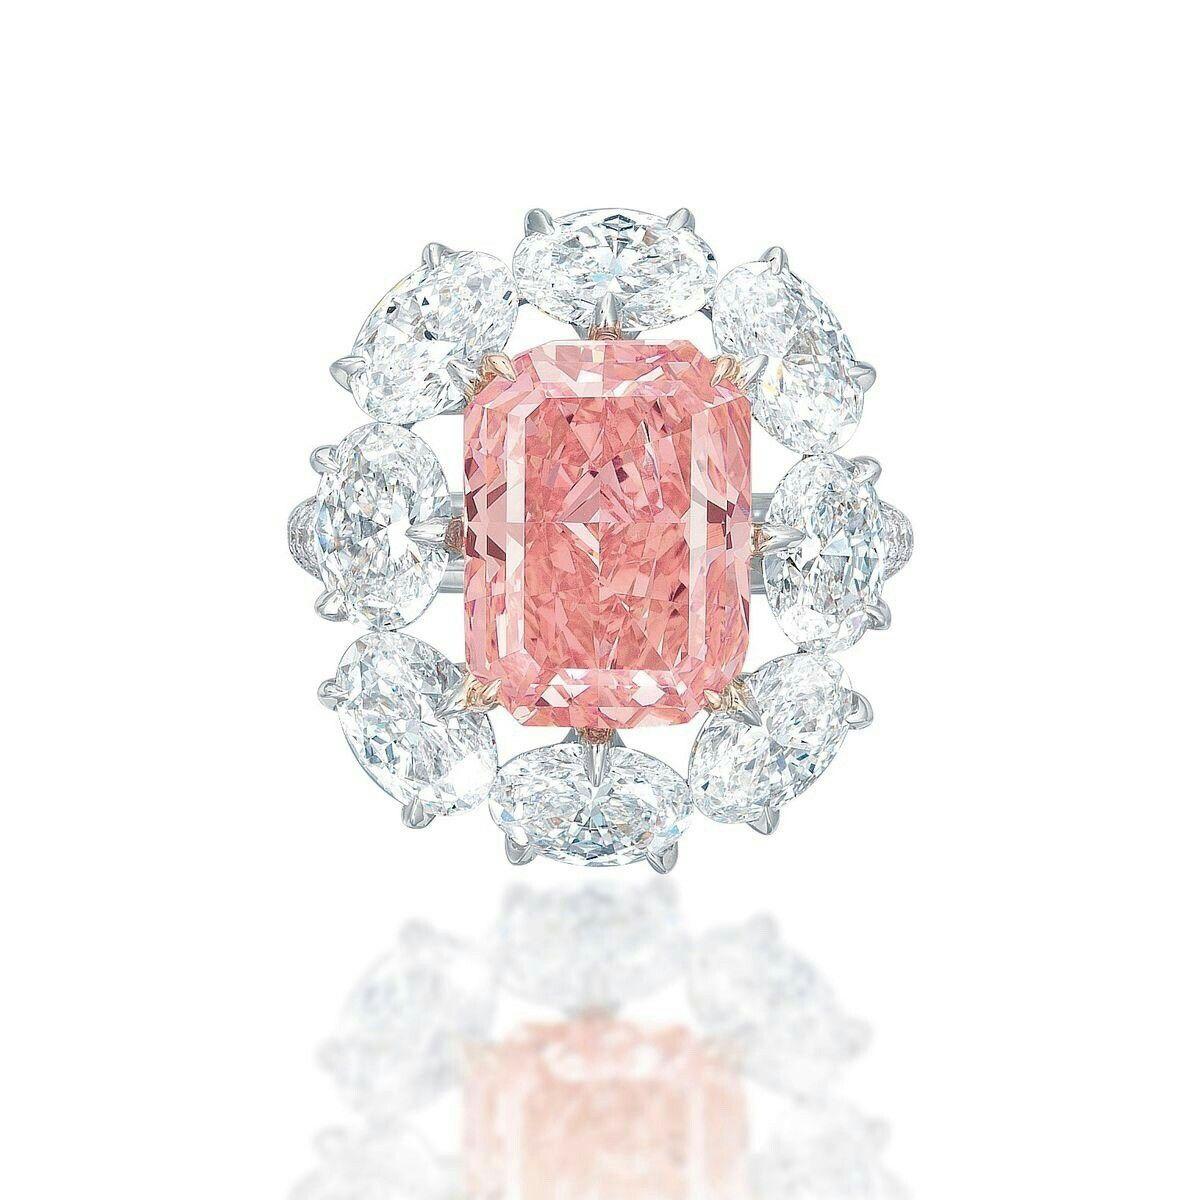 5.18ct vivid pink diamond | Diamonds | Pinterest | Diamond and Gems